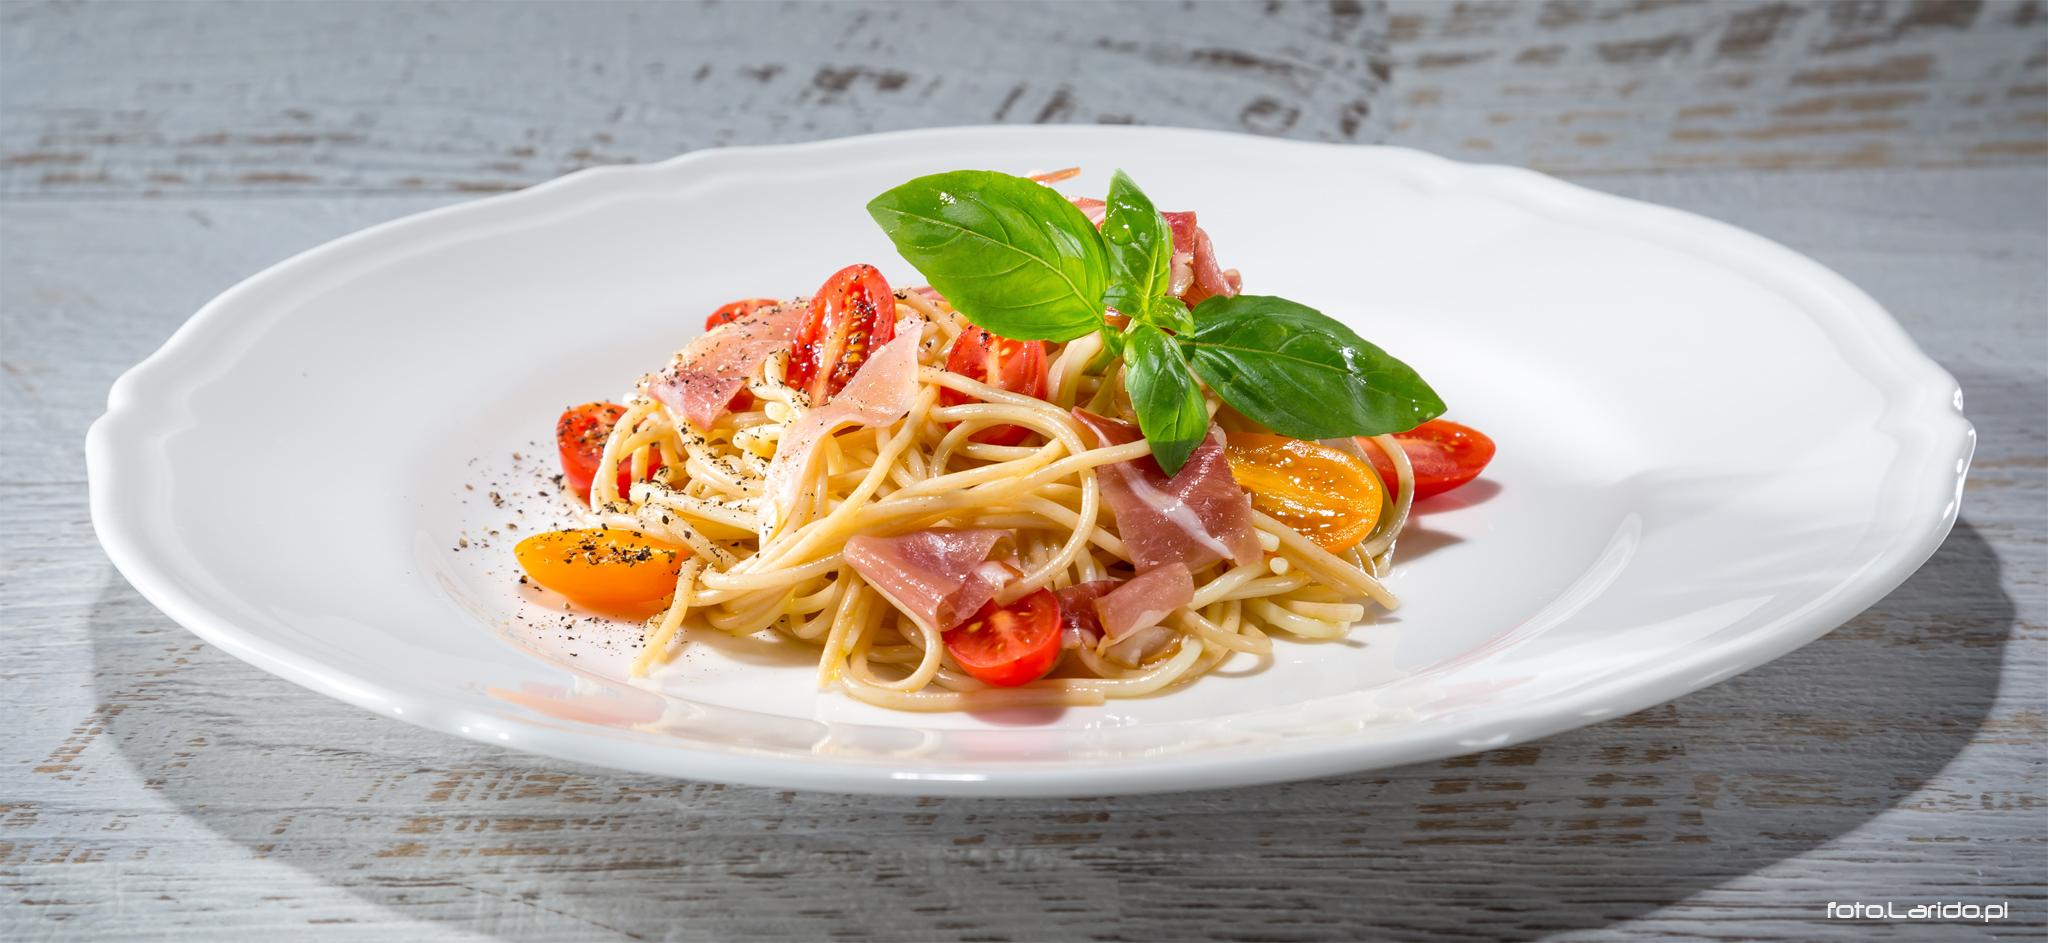 Spaghetti z szynką